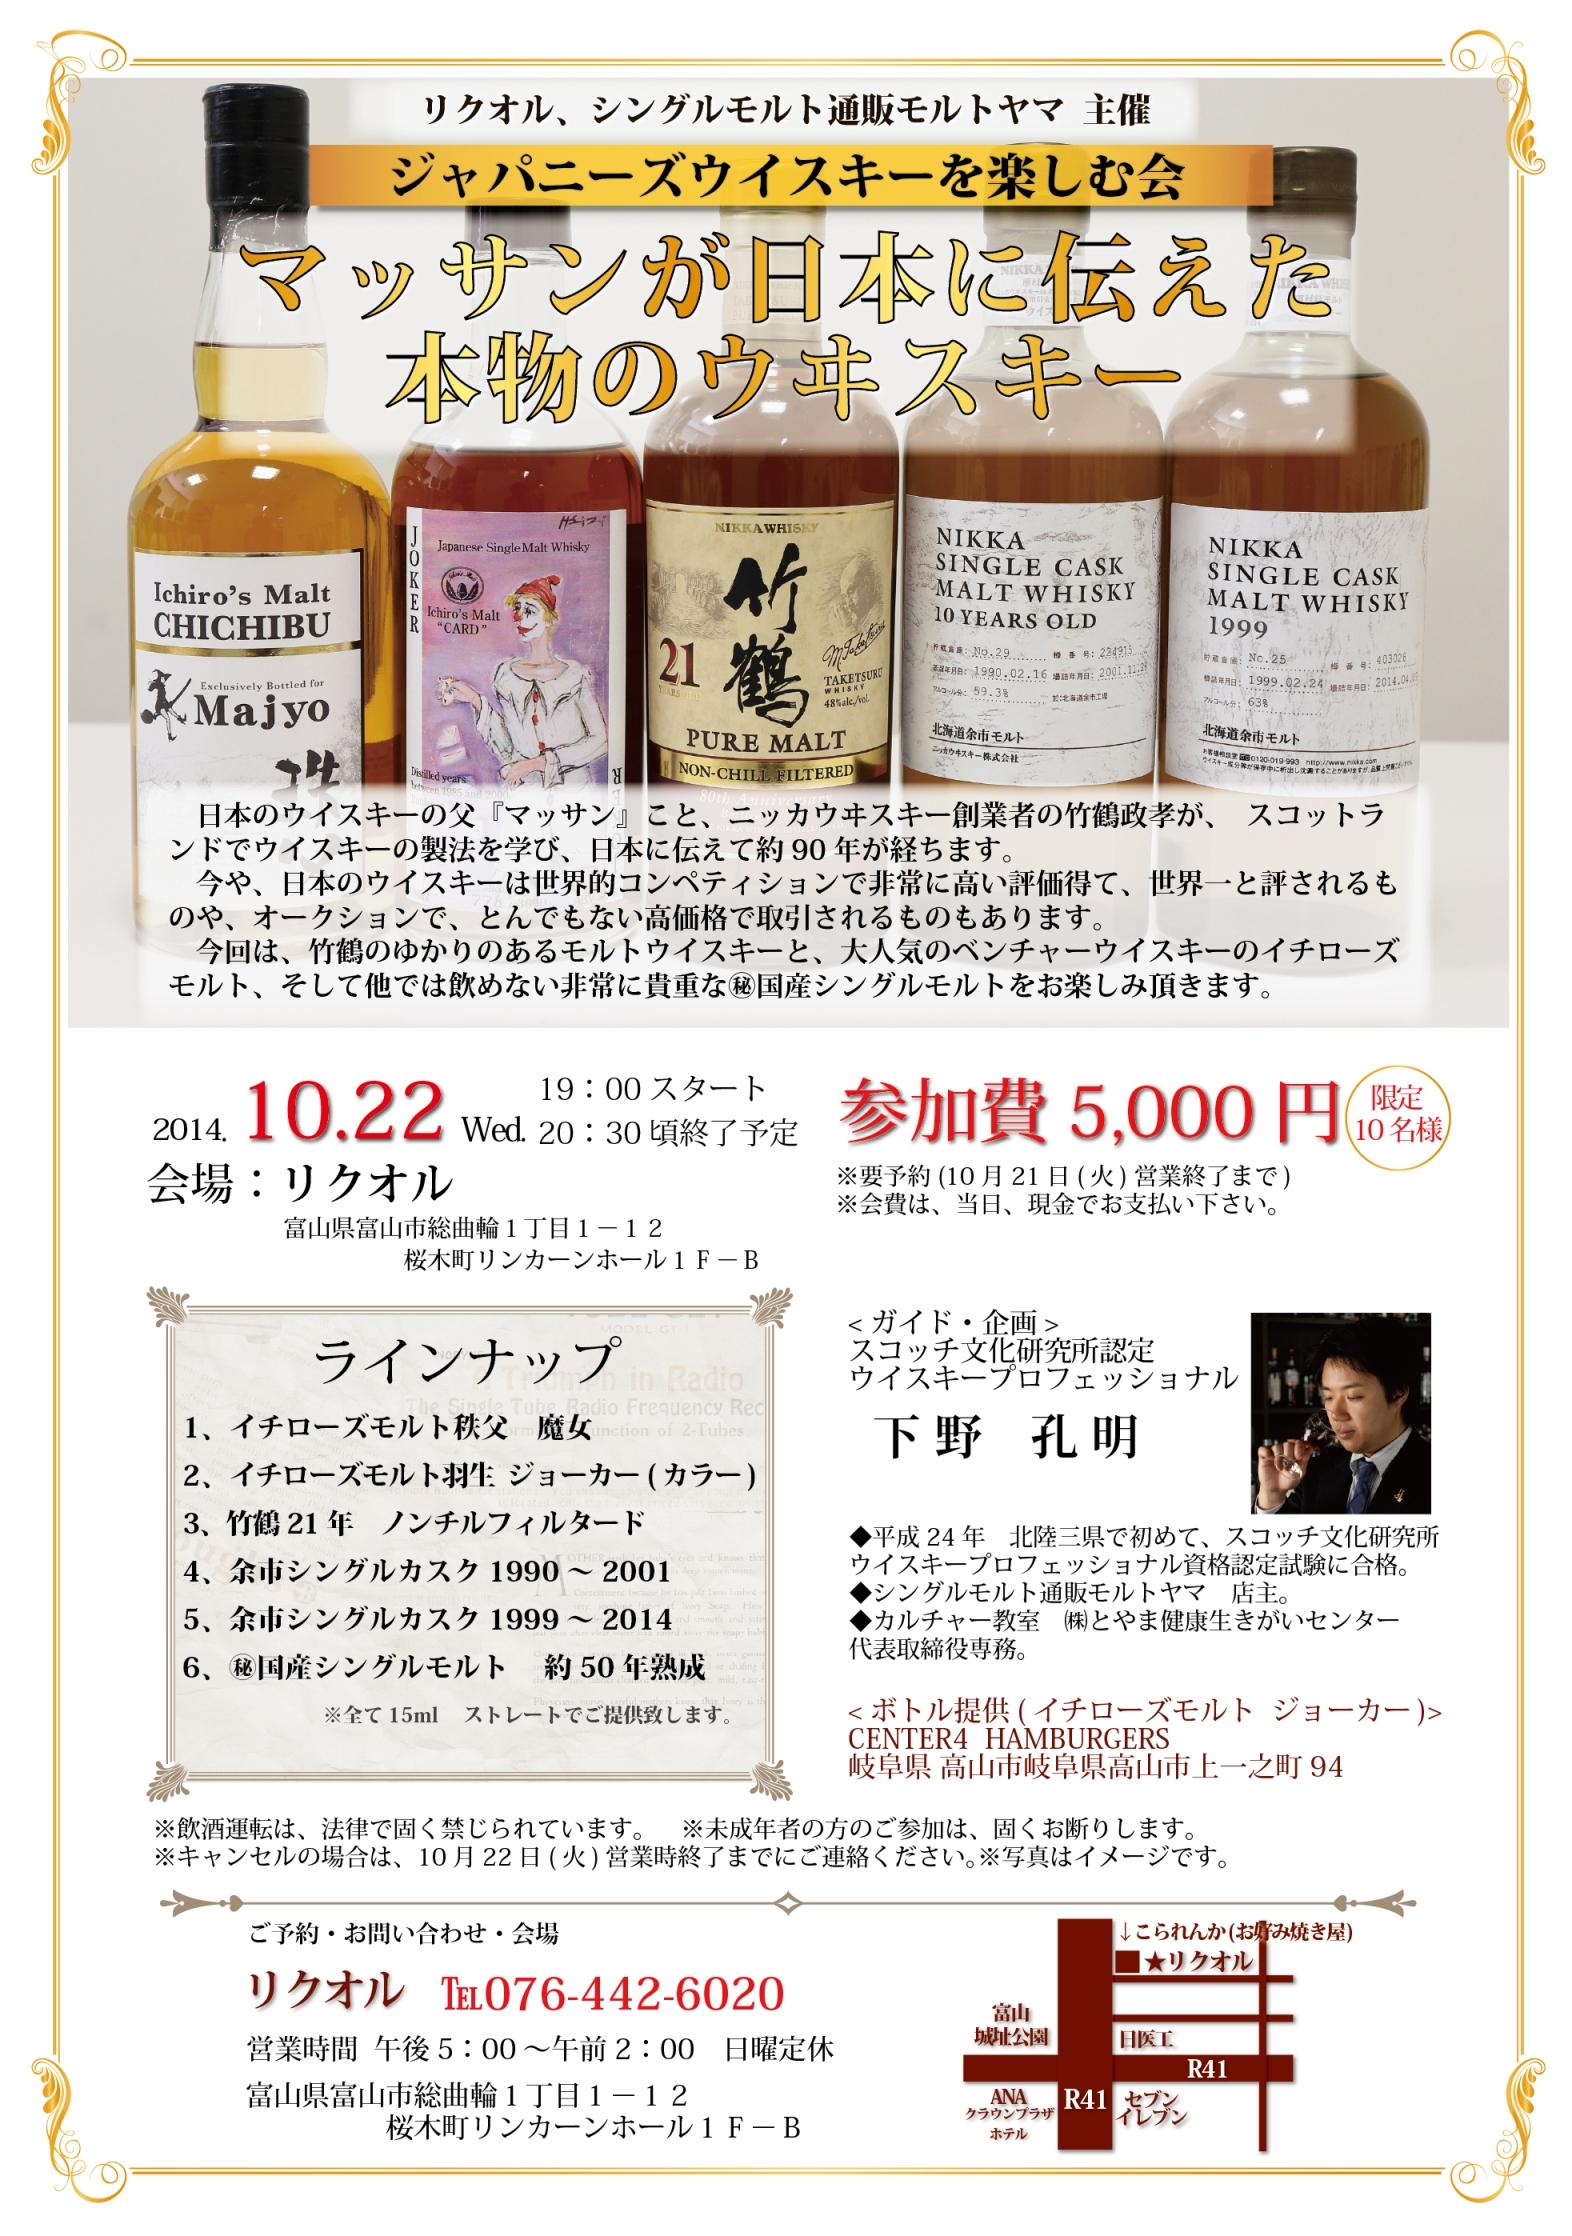 ジャパニーズウイスキーを楽しむ会 ~マッサンが日本に伝えた本物のウヰスキー~